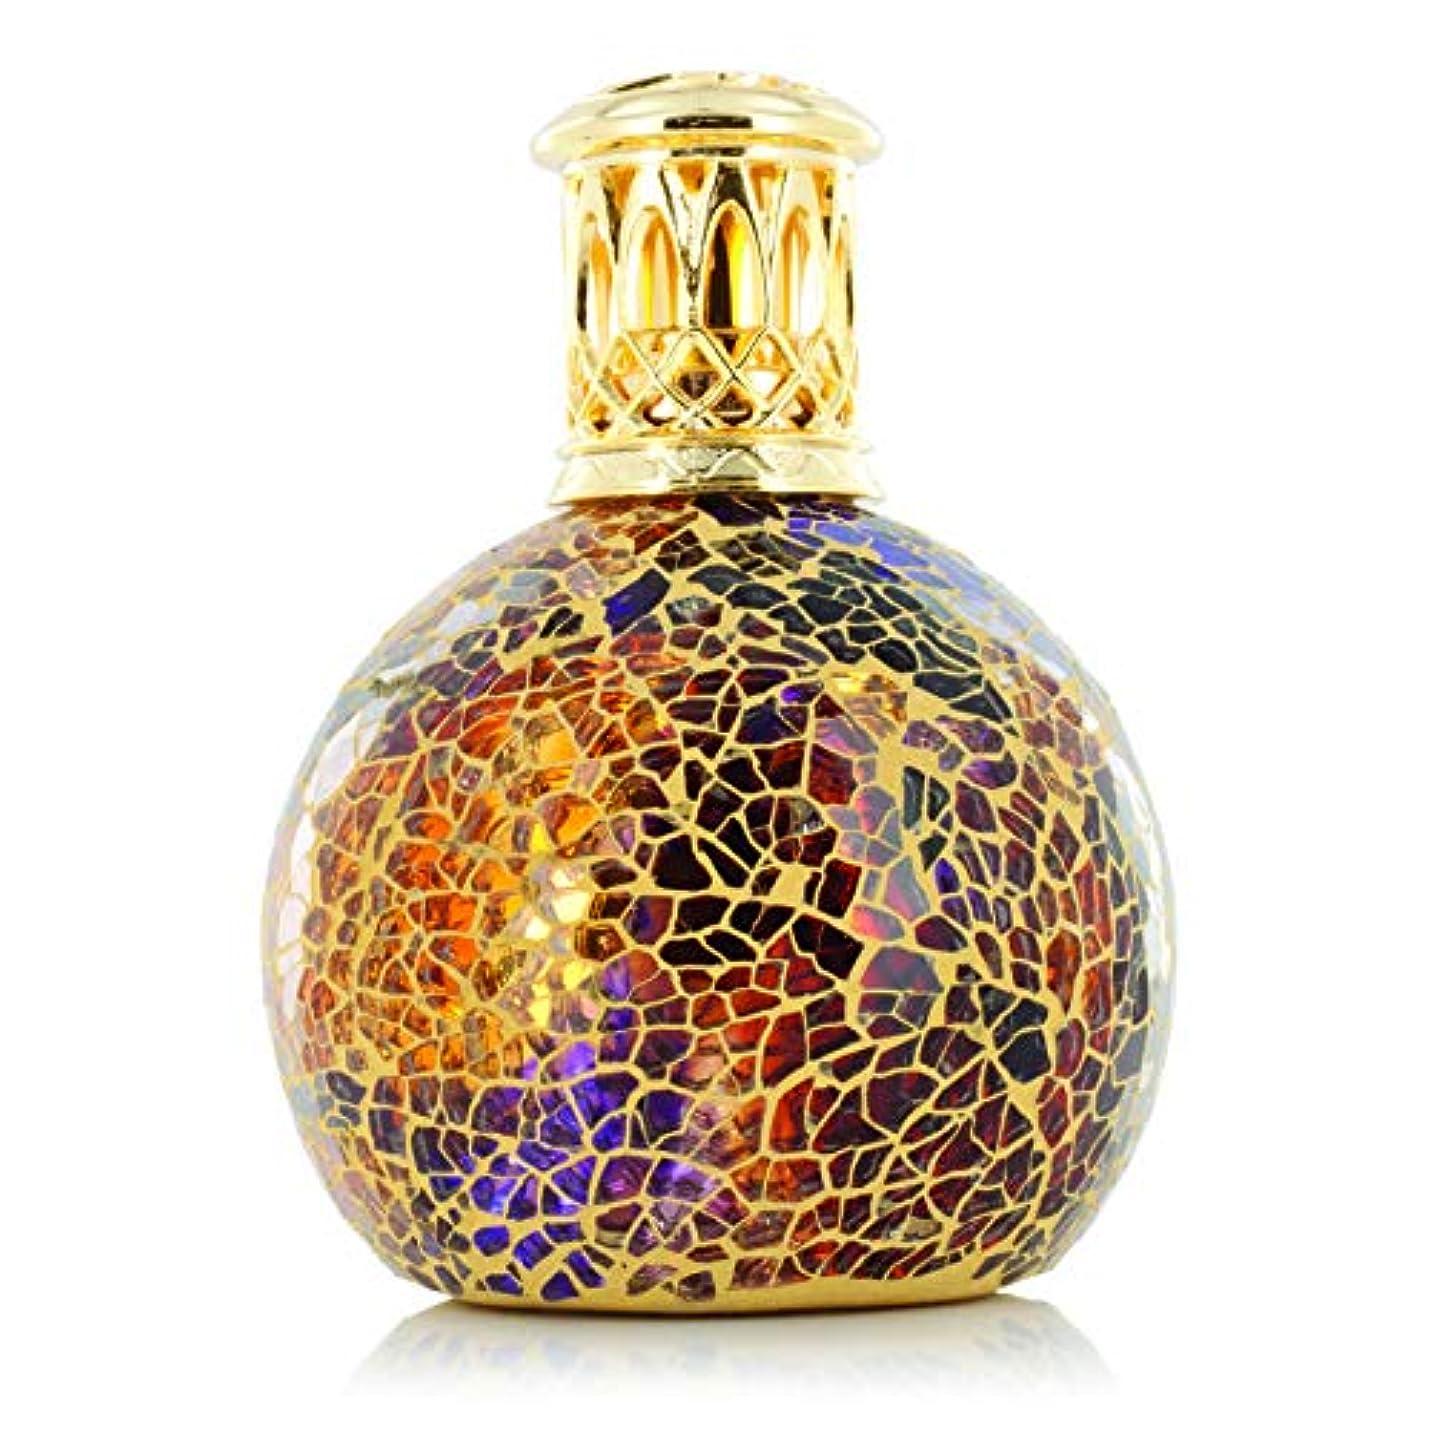 計算写真を描く戦うAshleigh&Burwood フレグランスランプ S ゴールデンサンセット FragranceLamps sizeS GoldenSunset アシュレイ&バーウッド